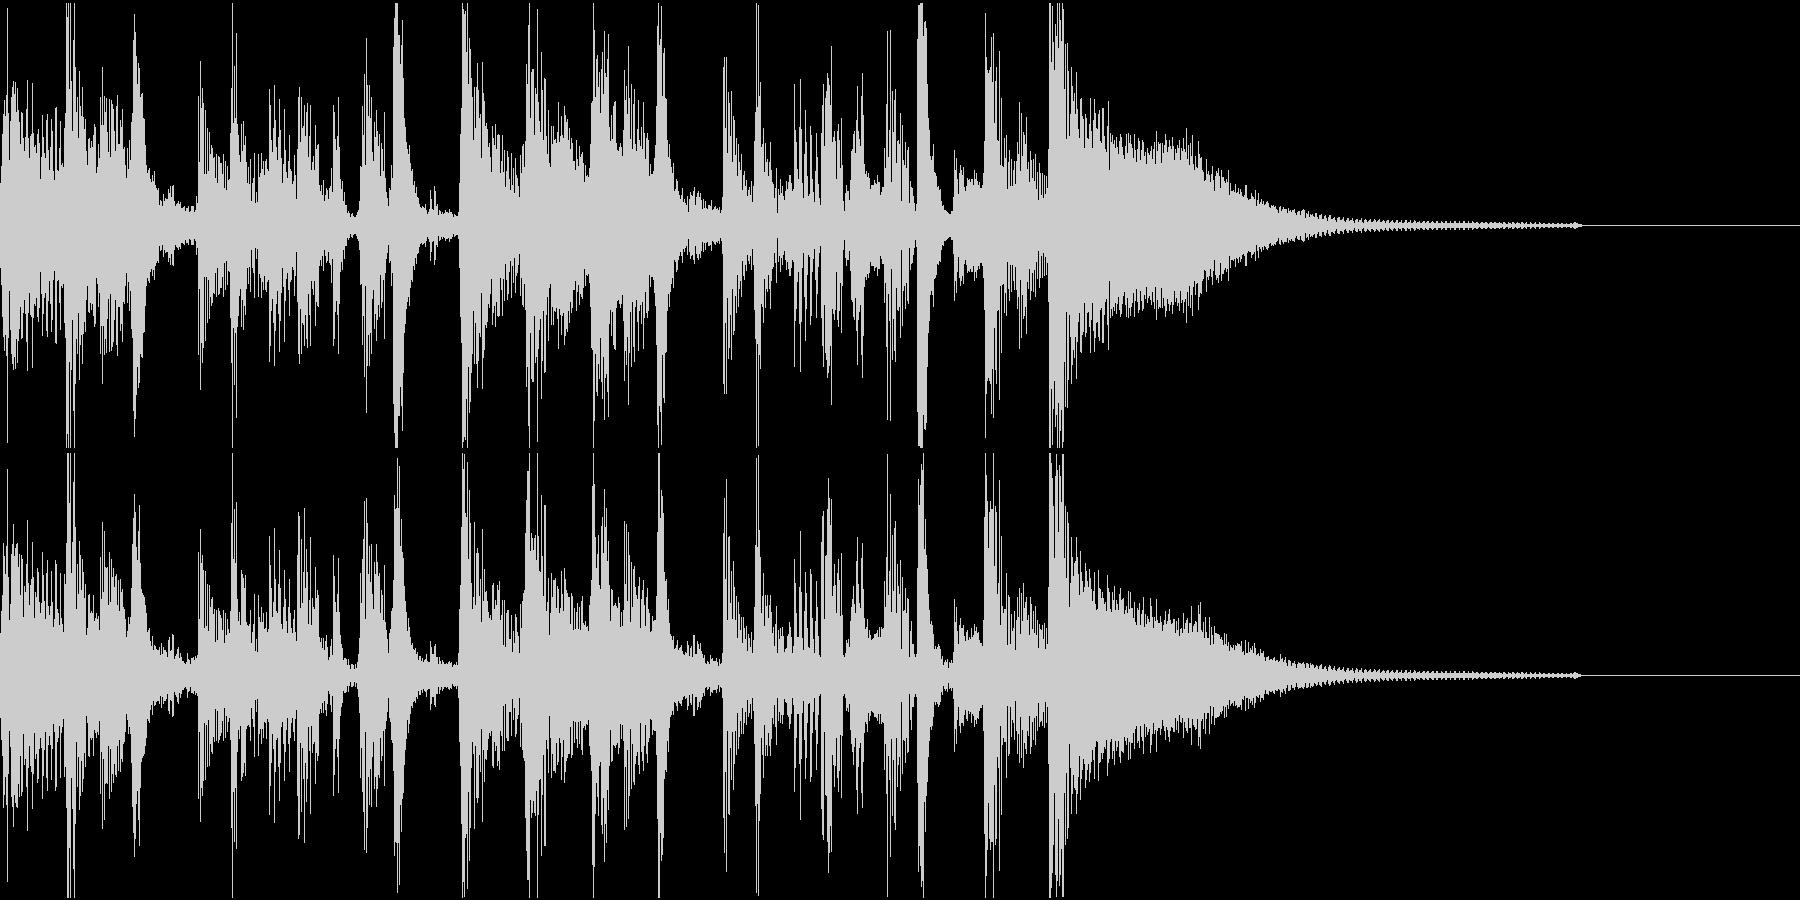 生演奏ギター ファンクジングルの未再生の波形